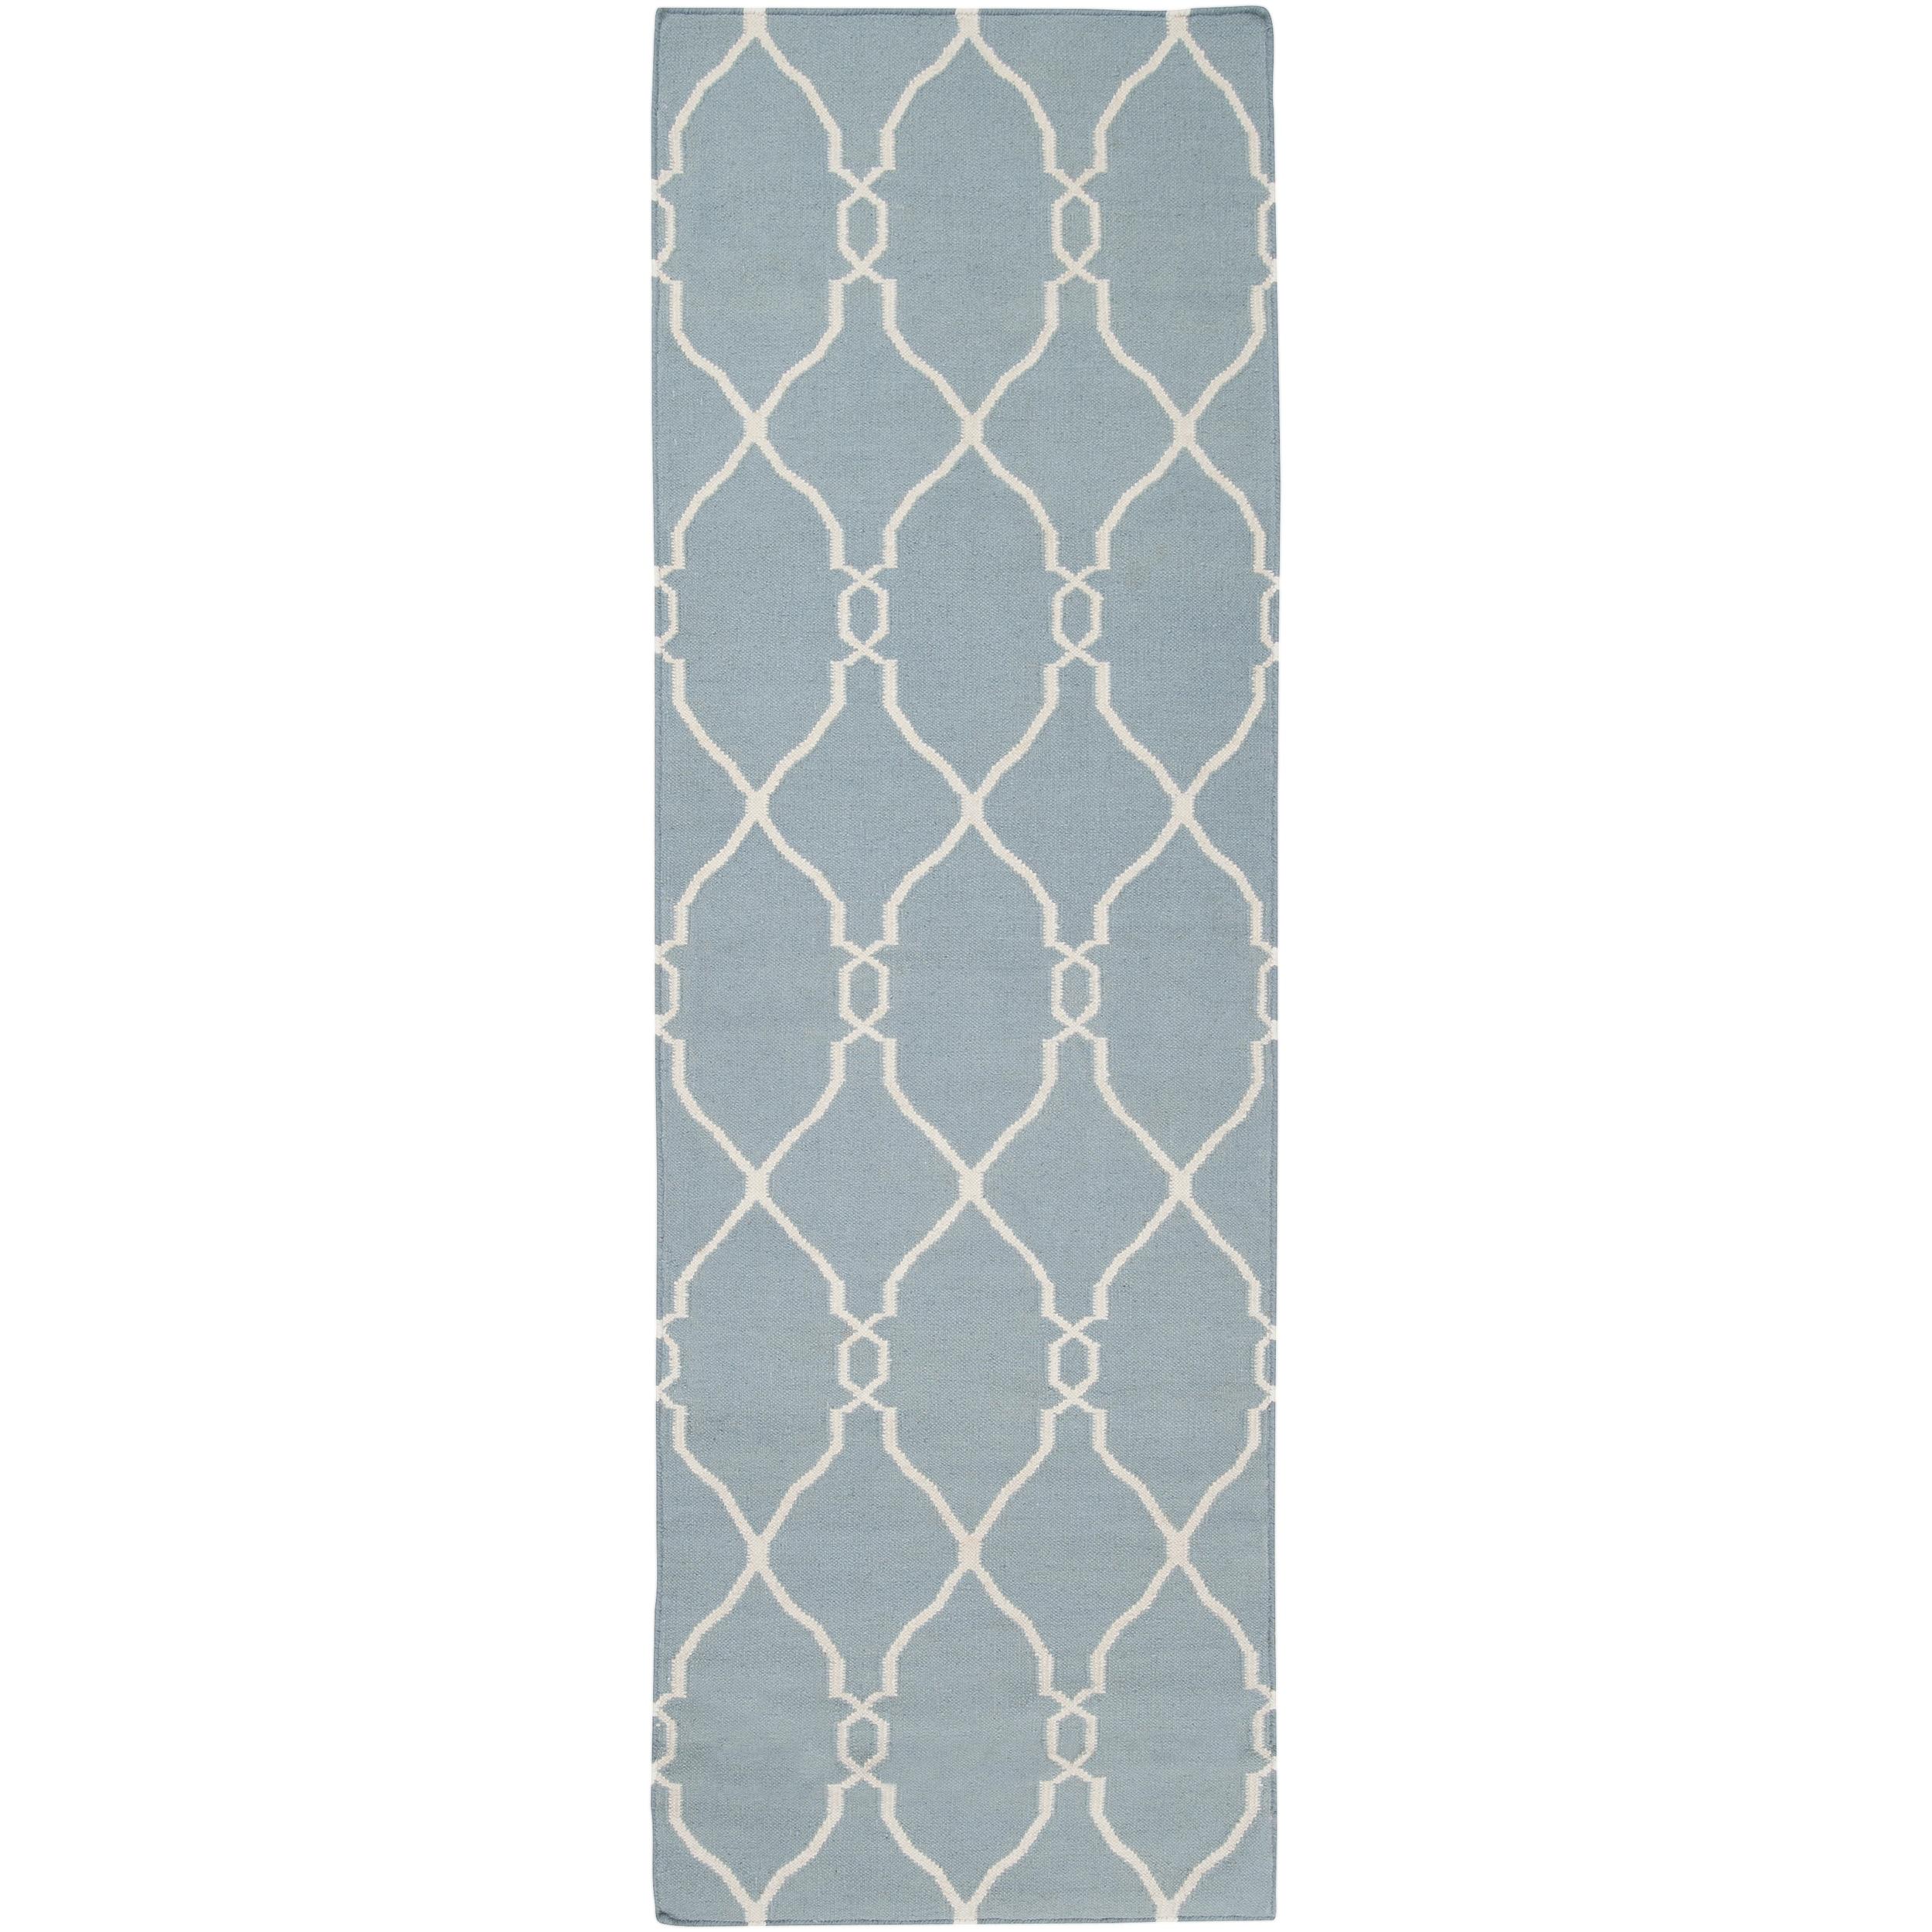 Hand-woven Blue Masoleum Wool Rug (2'6 x 8')